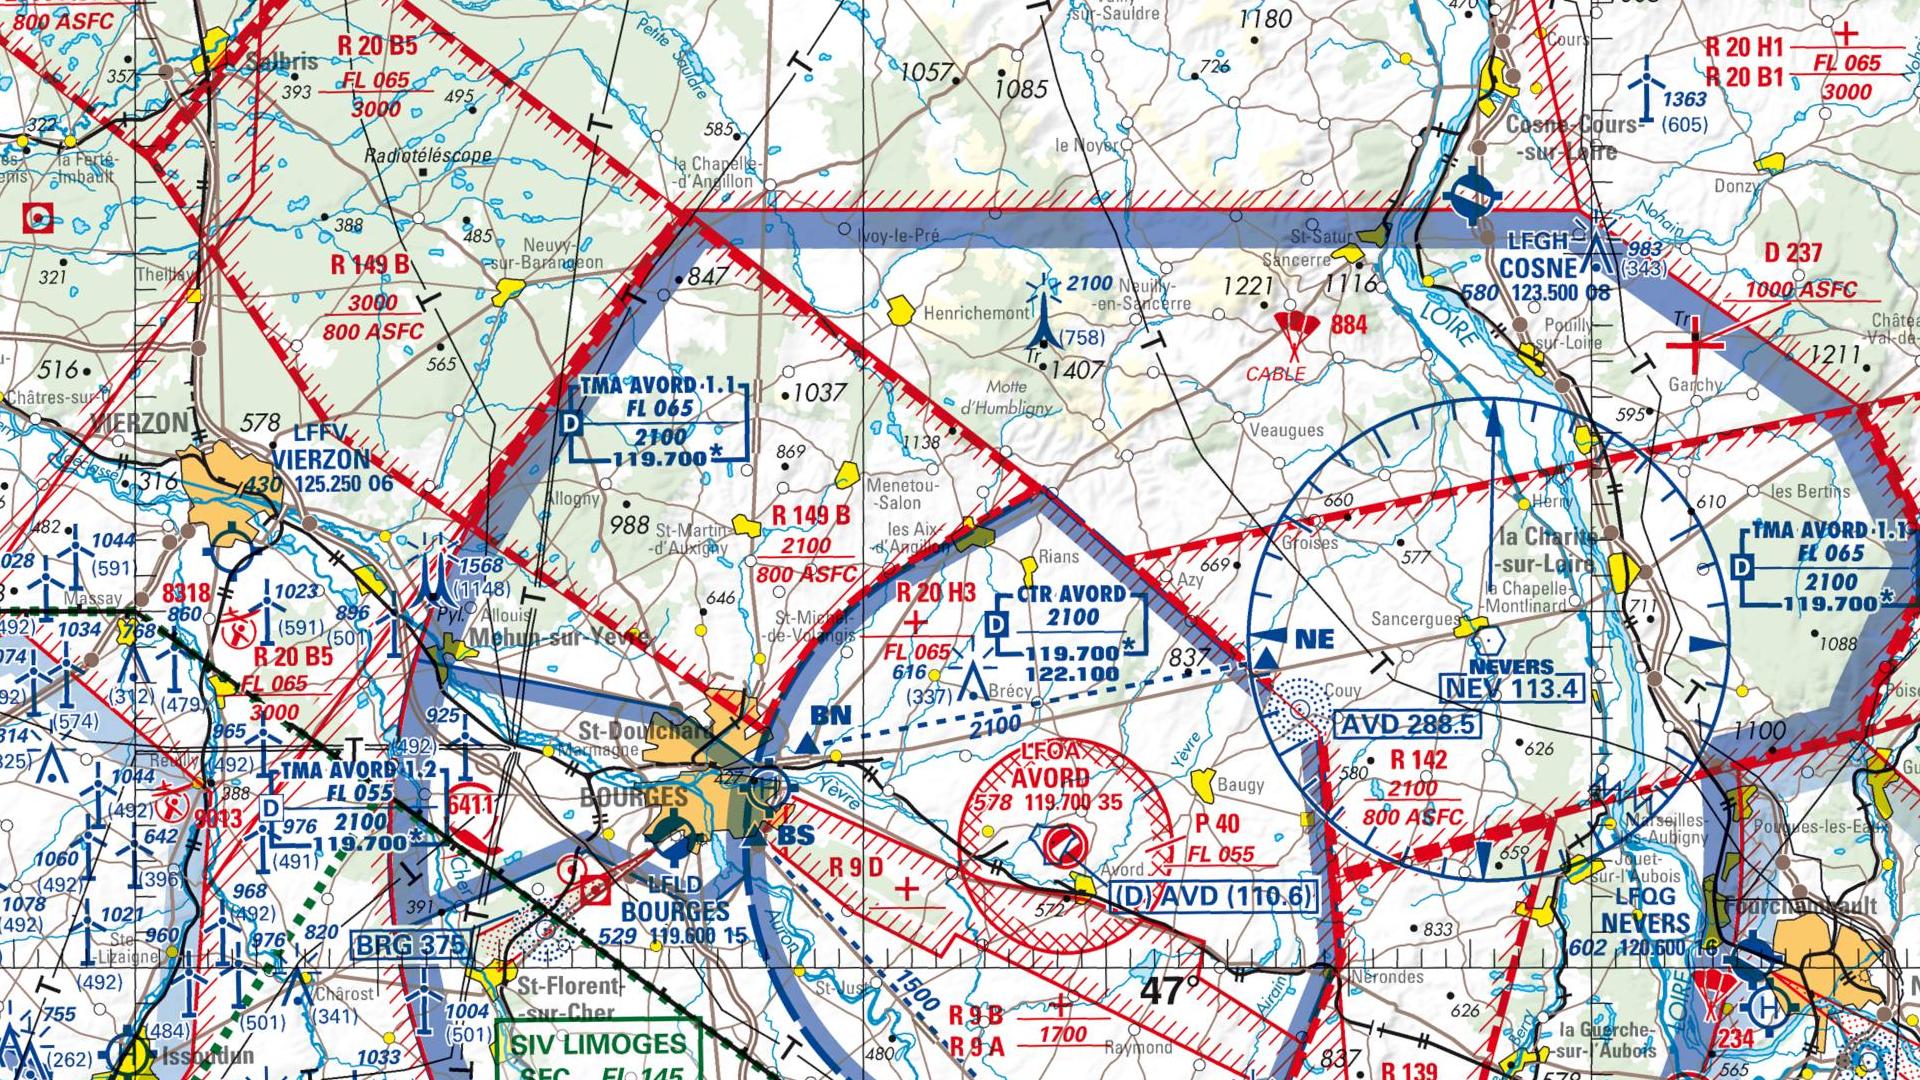 Réglementation drone à Les aix d angillon